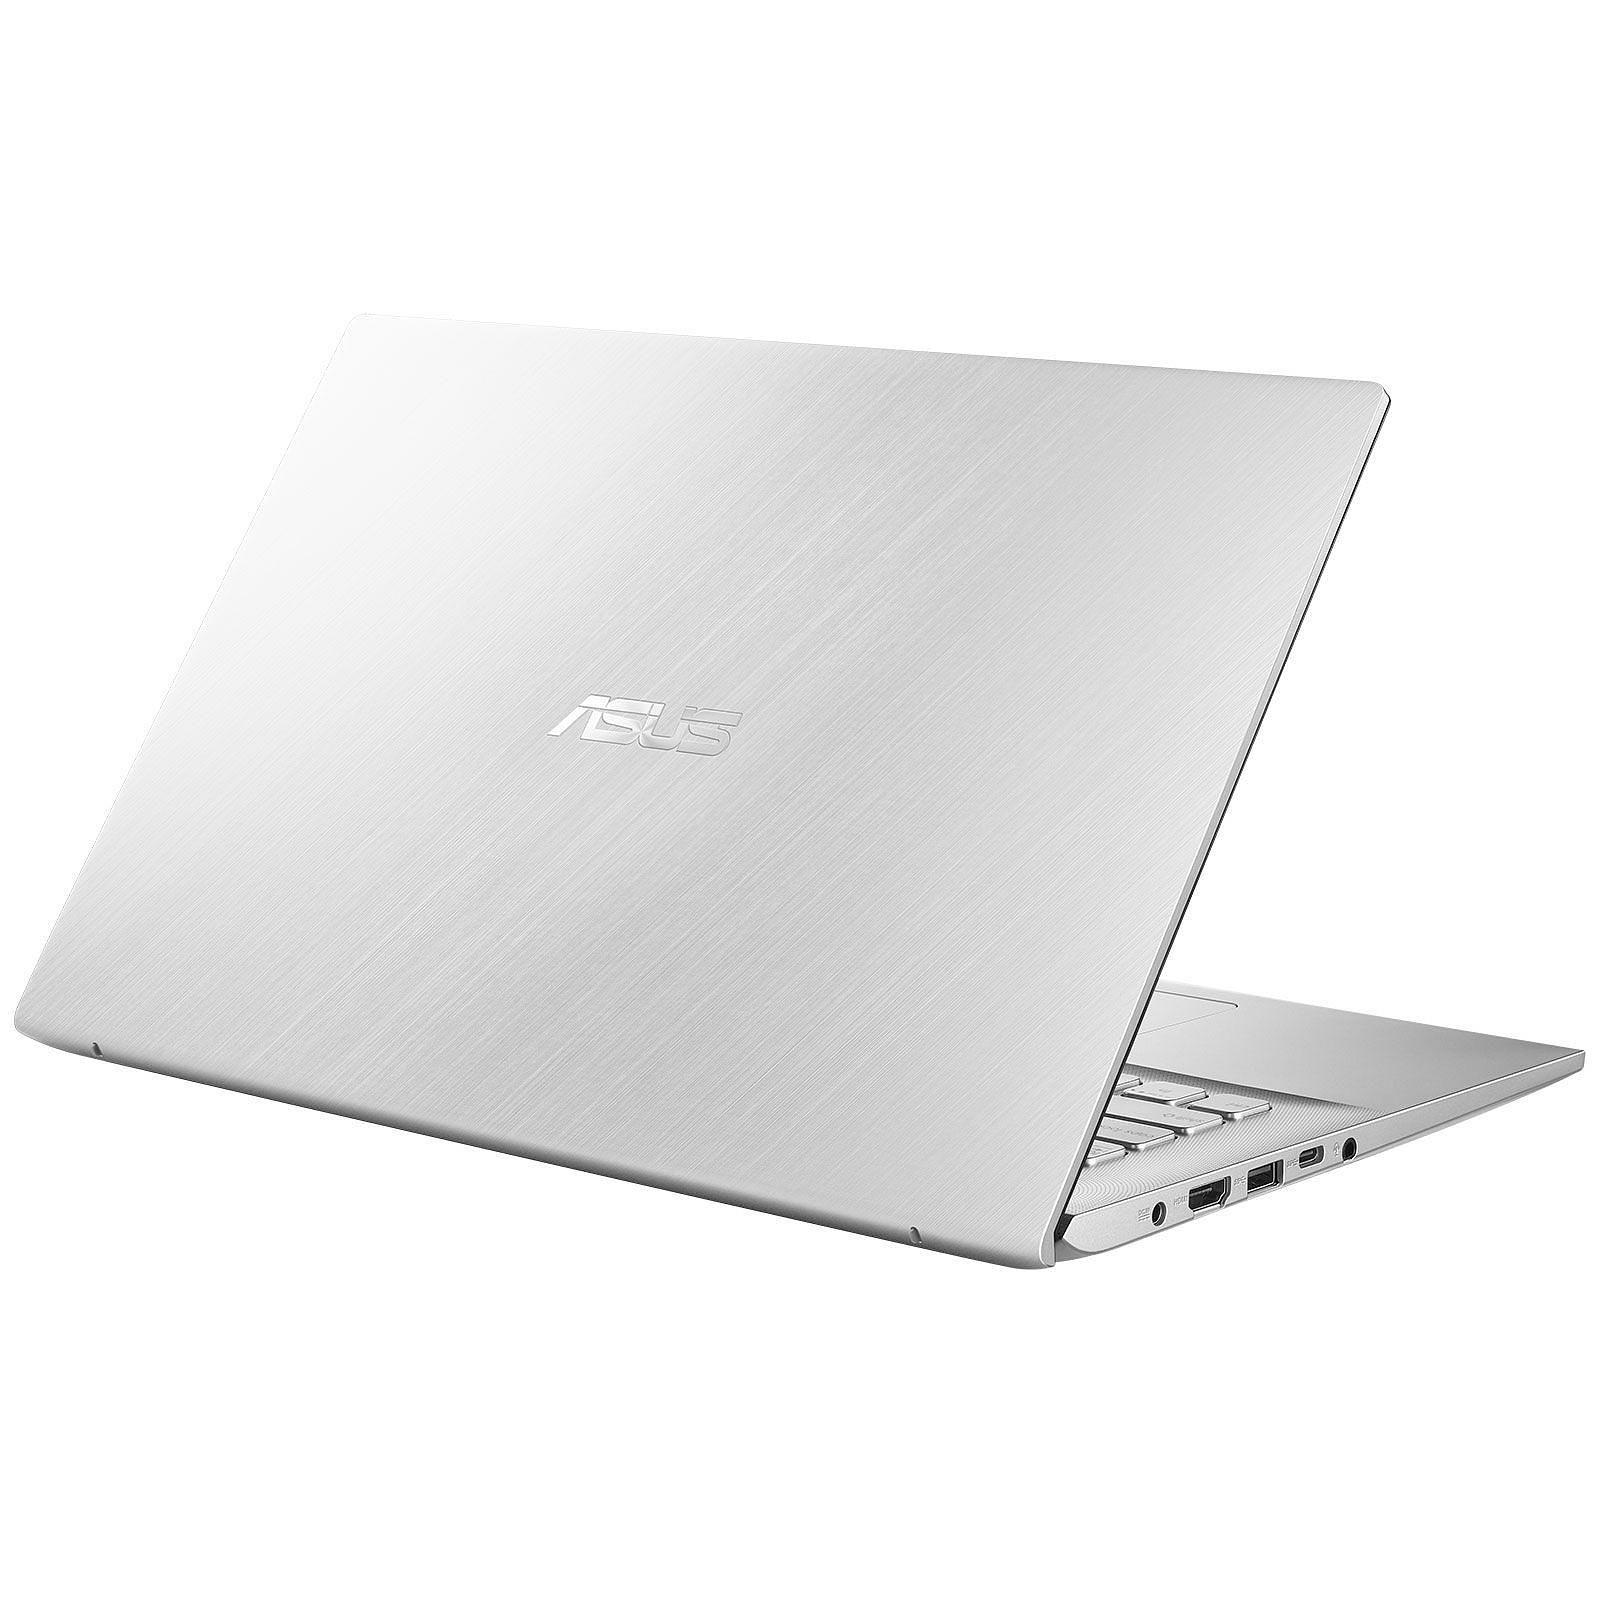 Asus 90NB0M51-M08070 - PC portable Asus - Cybertek.fr - 2